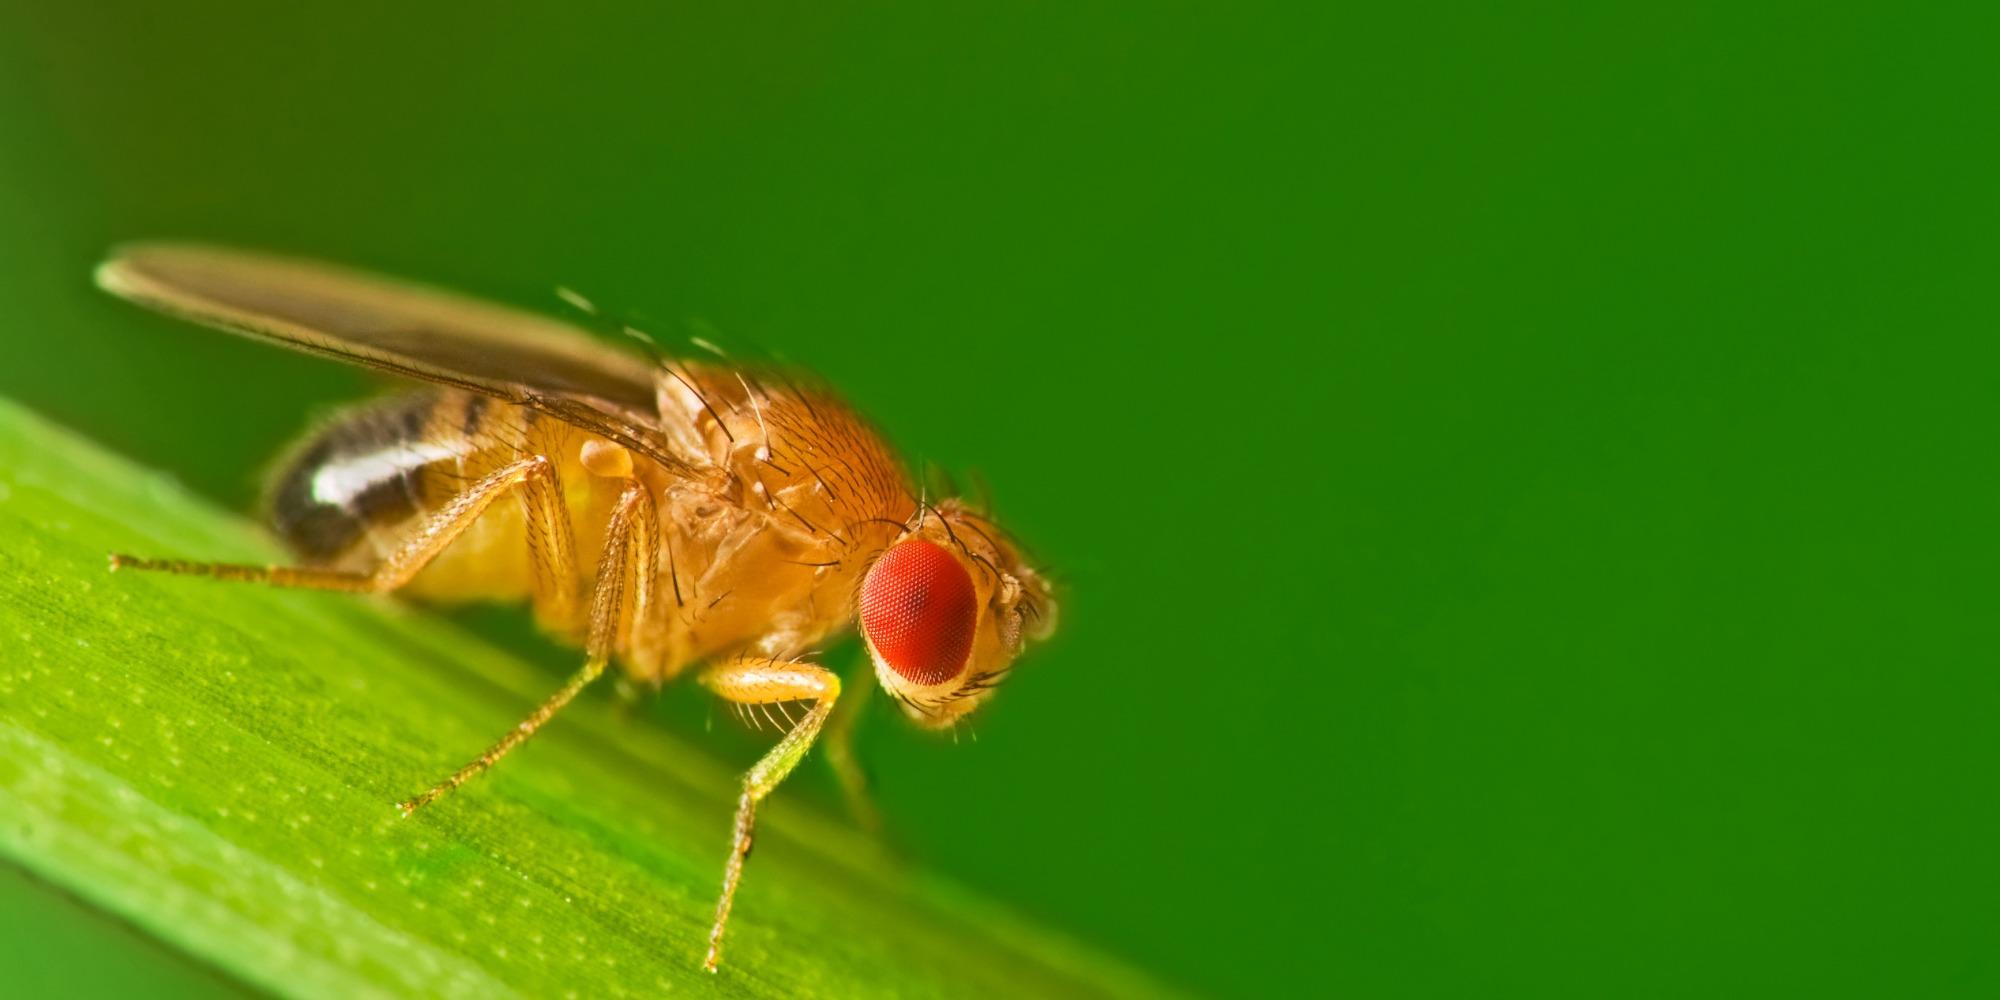 Male fruit fly (Drosophila Melanogaster) on a blade of grass